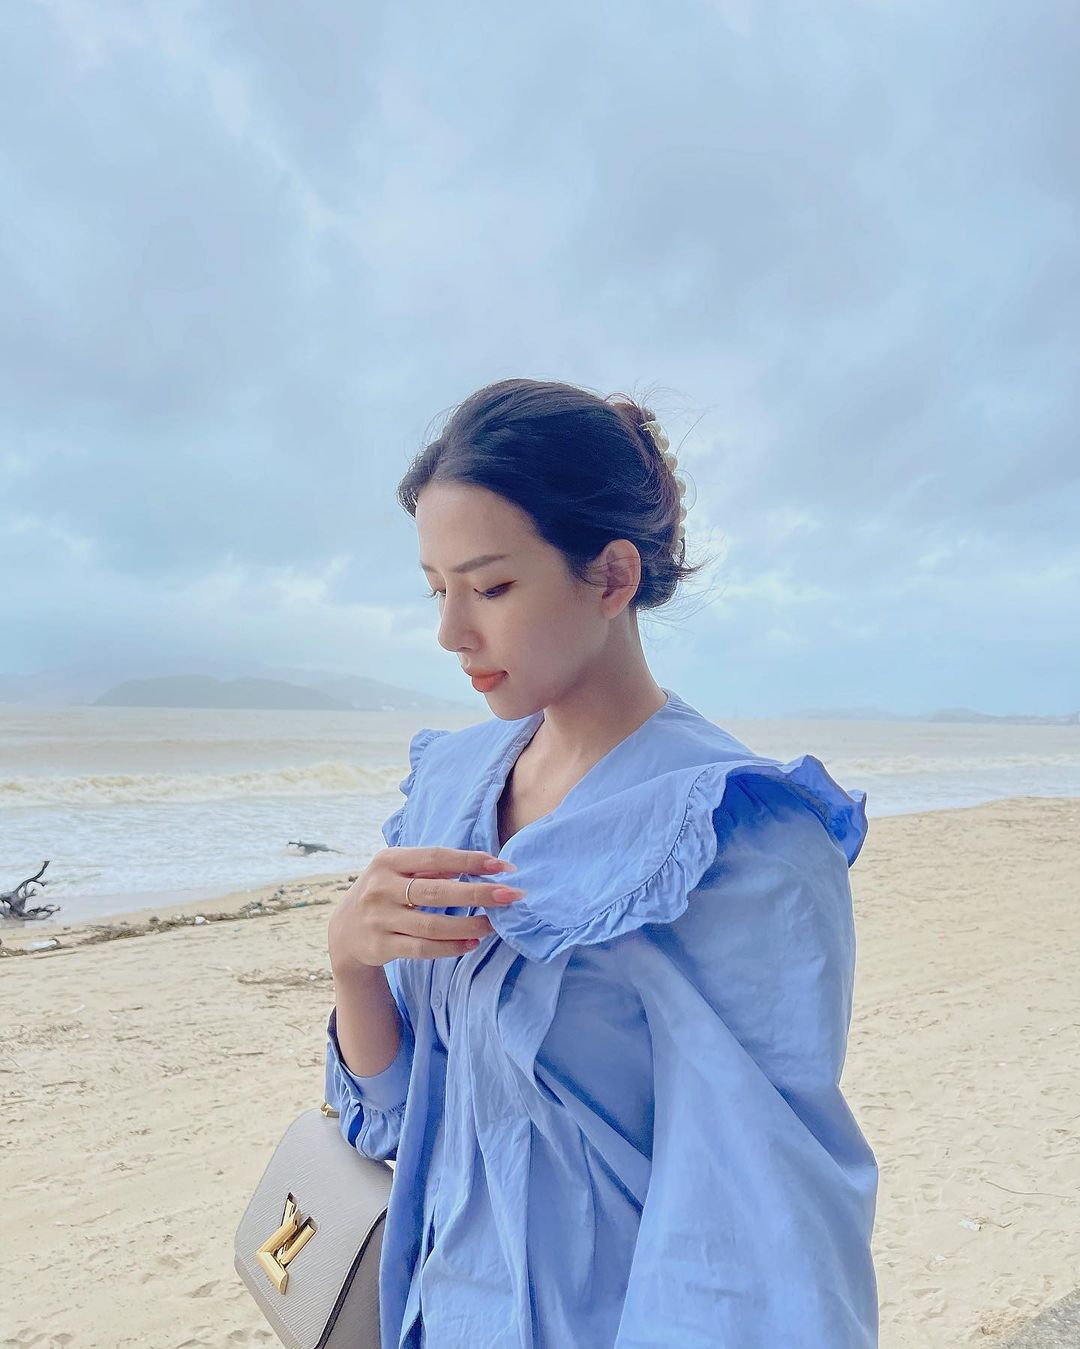 Lên cô dâu xinh đẹp xuất sắc, ngoài đời thường vợ của Phan Mạnh Quỳnh còn là quý cô hàng hiệu, mỗi ngày diện một chiếc túi xa xỉ đụng hàng cả dàn sao Vbiz - Ảnh 6.